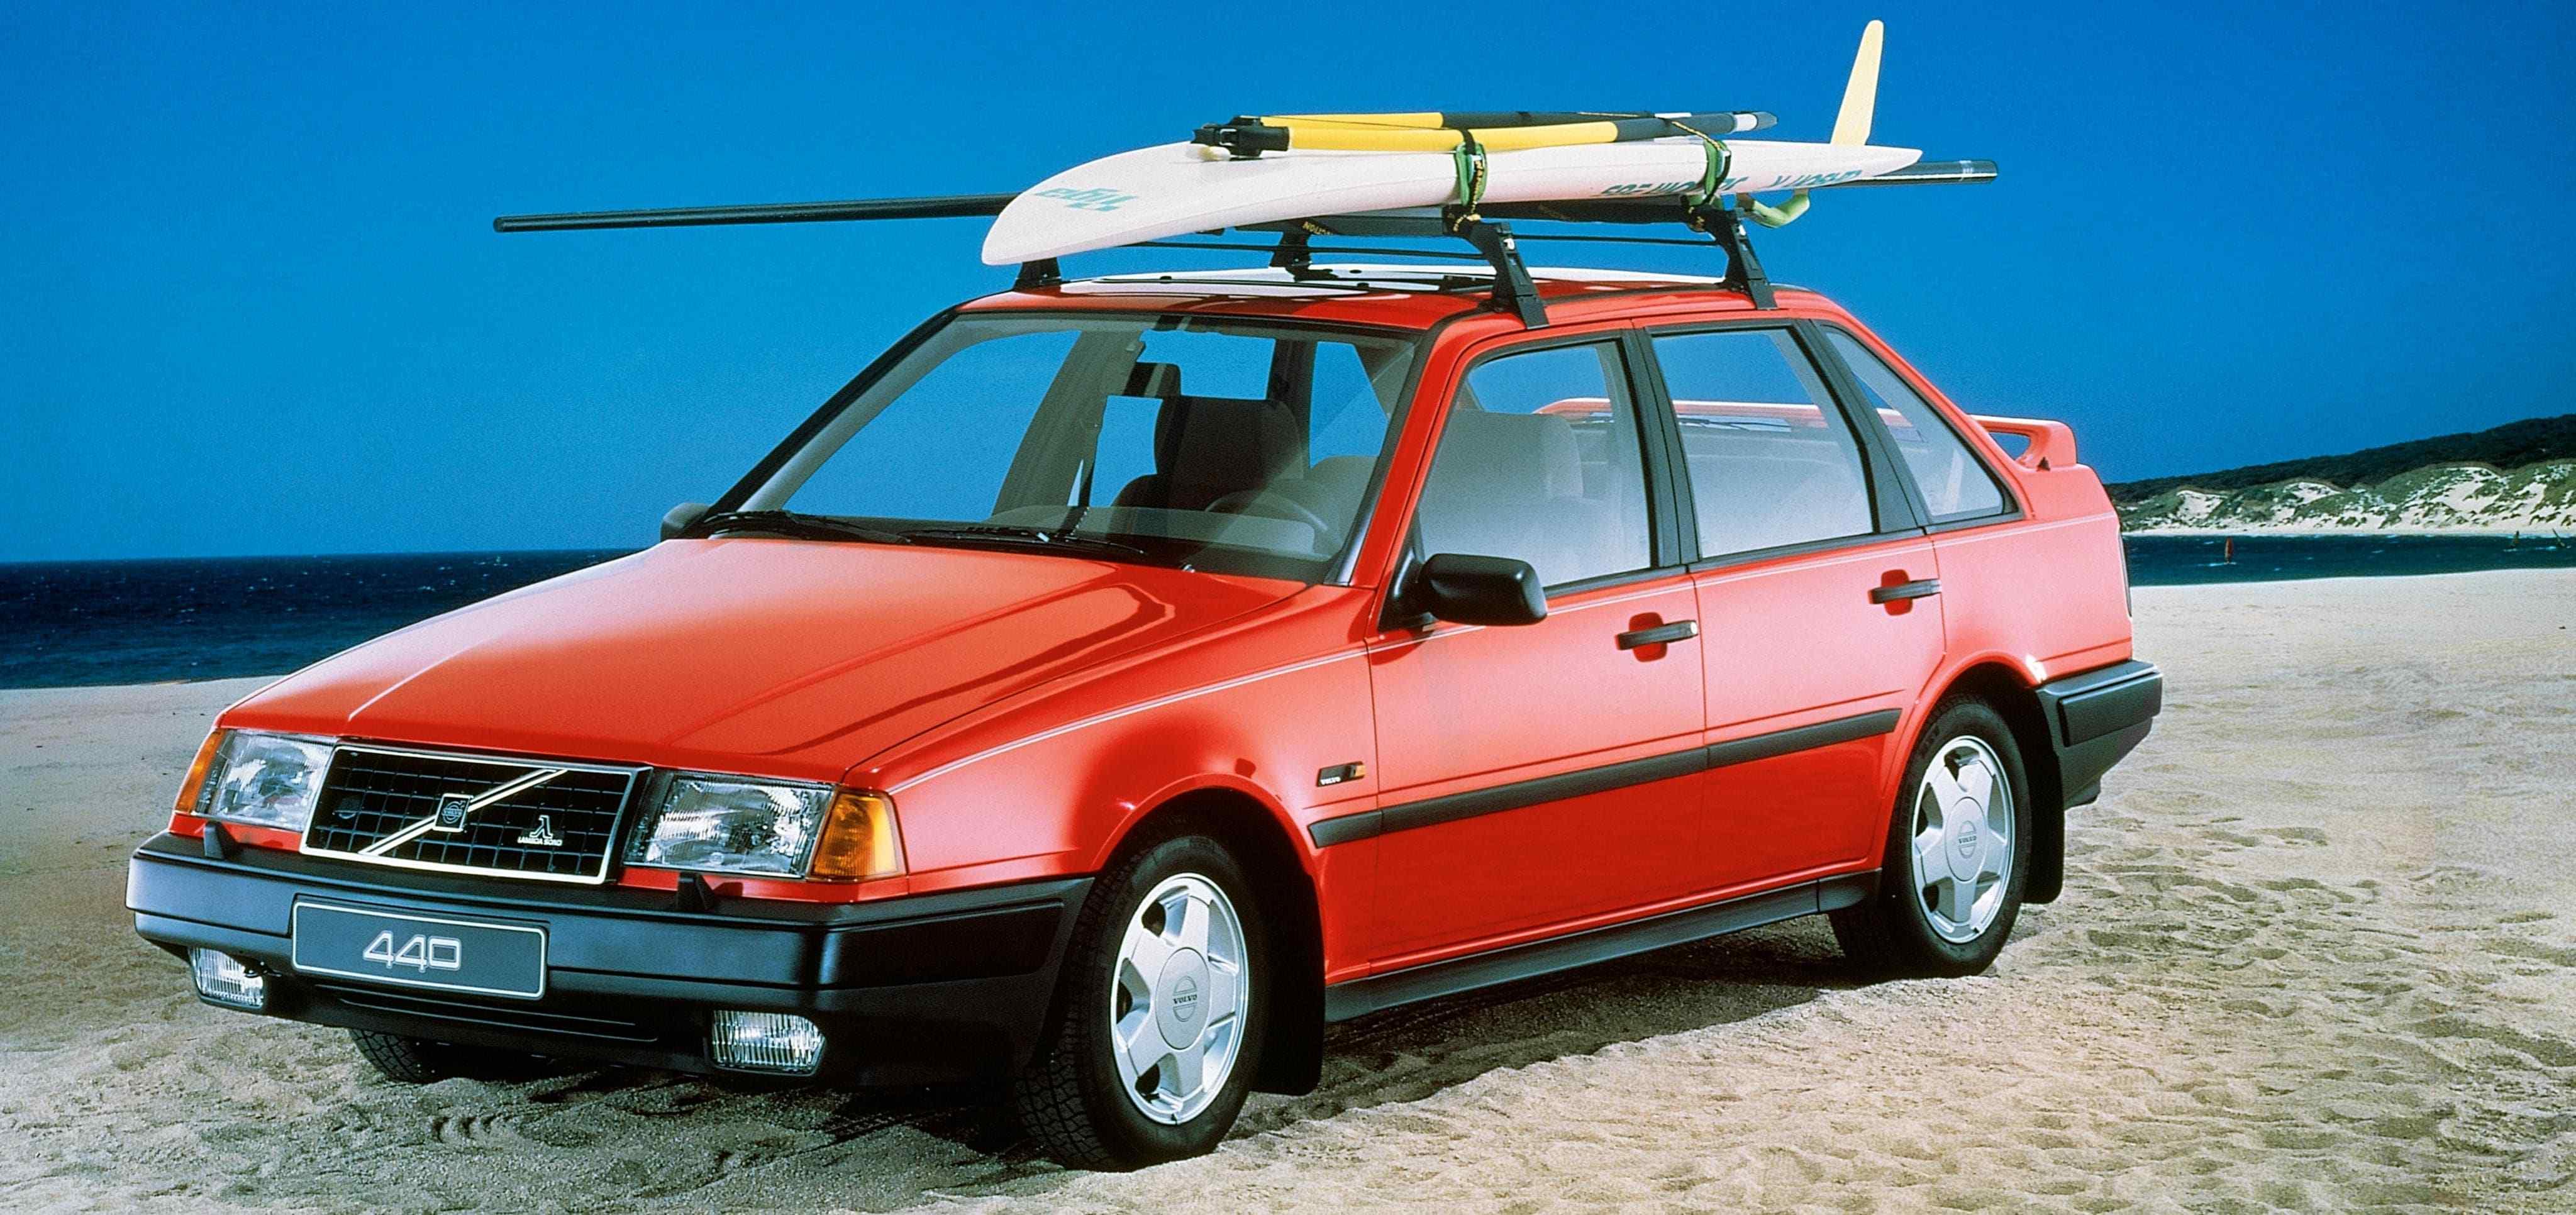 Un Volvo 440 de color rojo aparcado en la playa con una tabla de surf en el techo